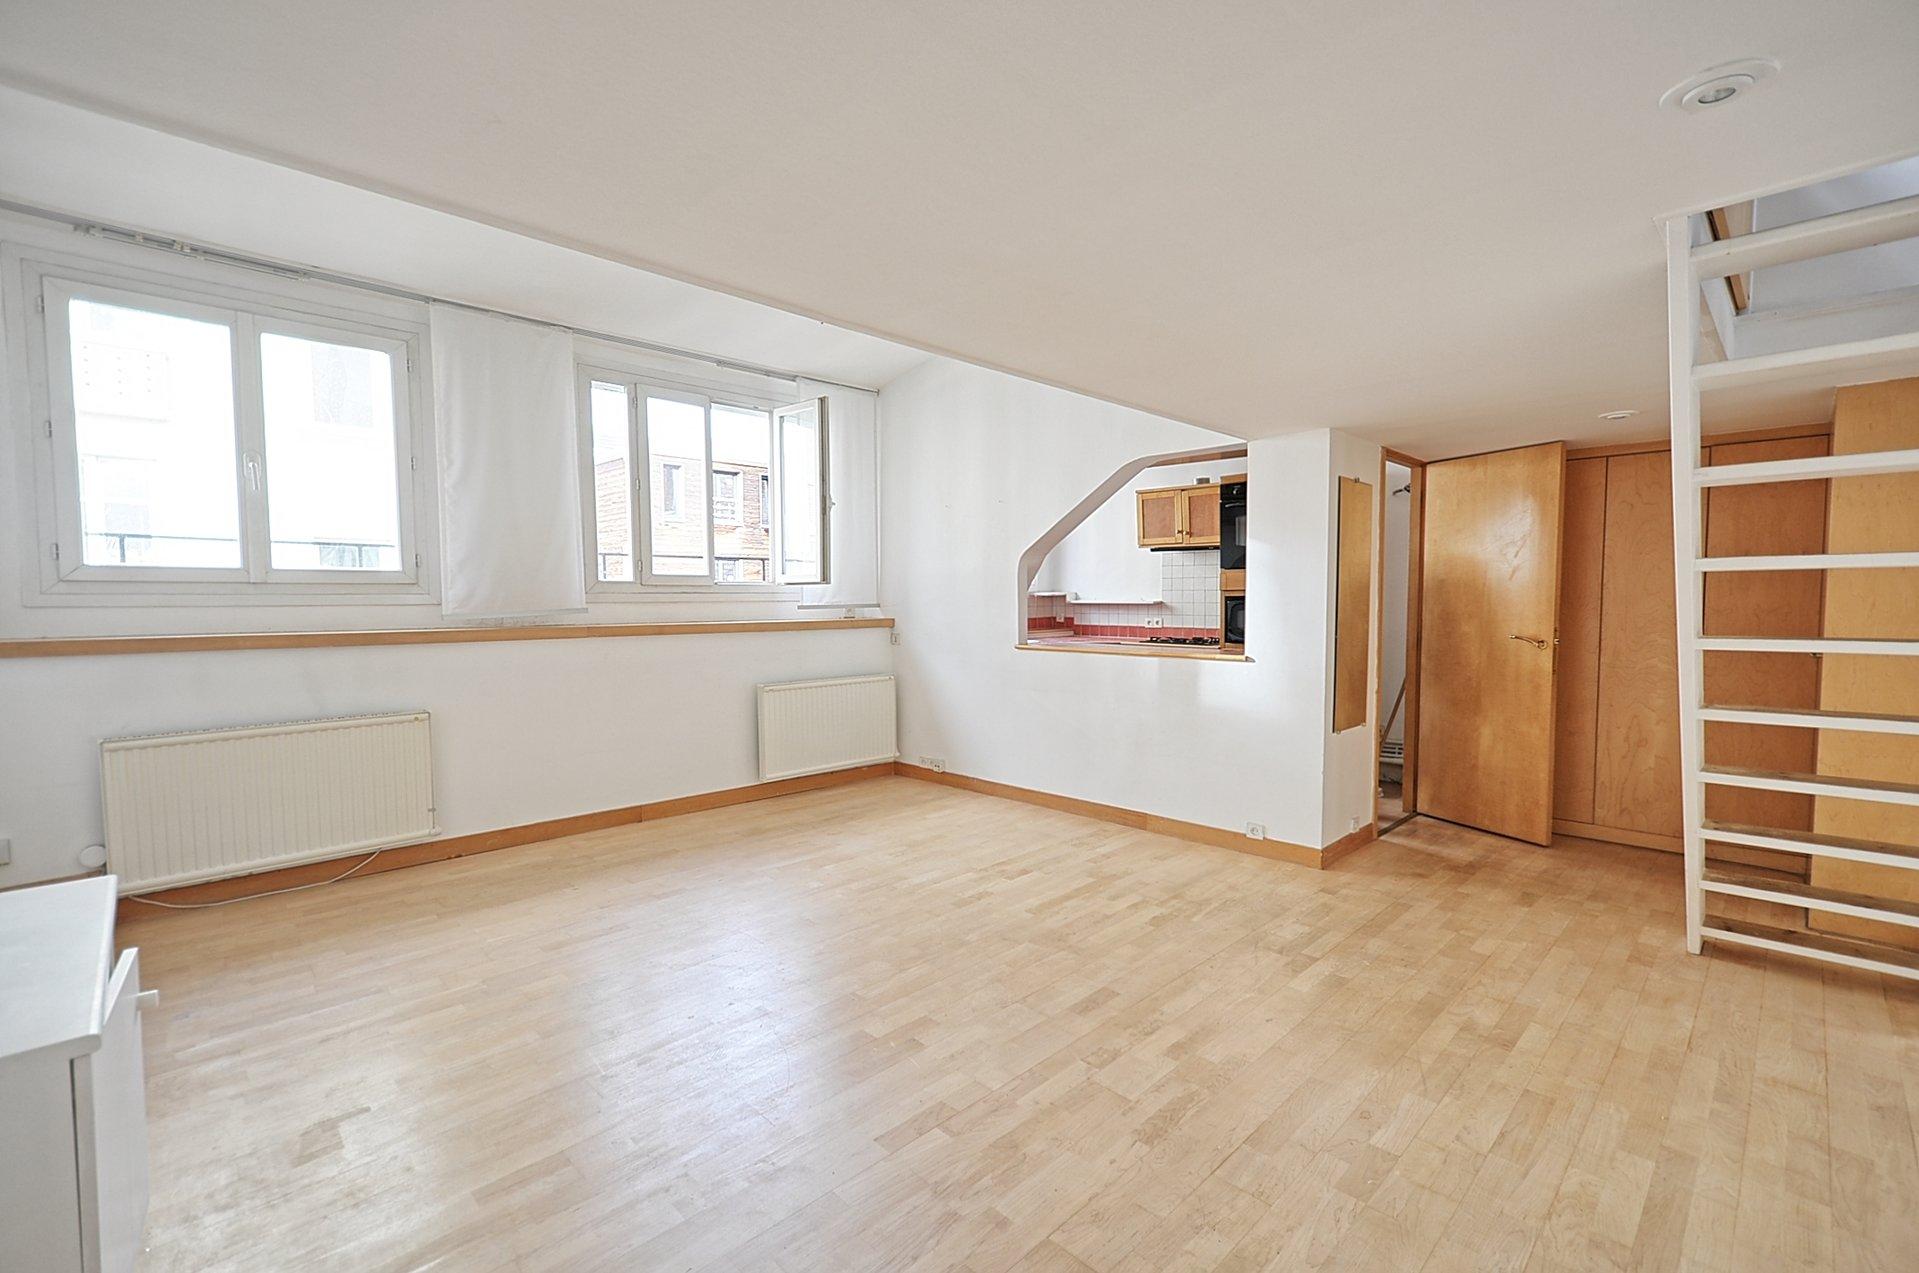 Petit duplex 4 p dernier étage - Boulogne Nord - parking